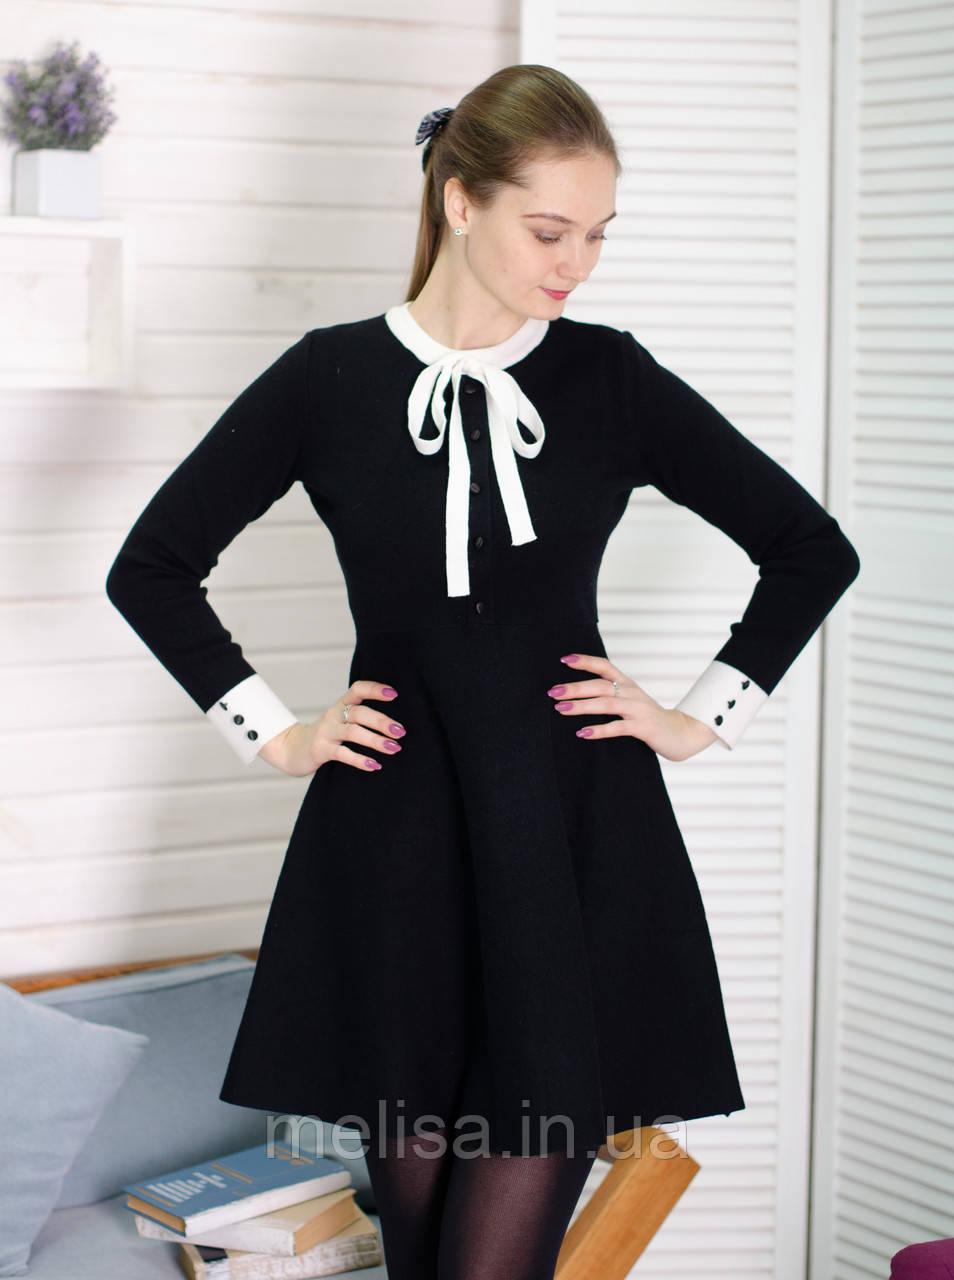 854f5b8ca46 Черное трикотажное платье с белым бантом - Интернет магазин женской одежды  Melisa в Харькове